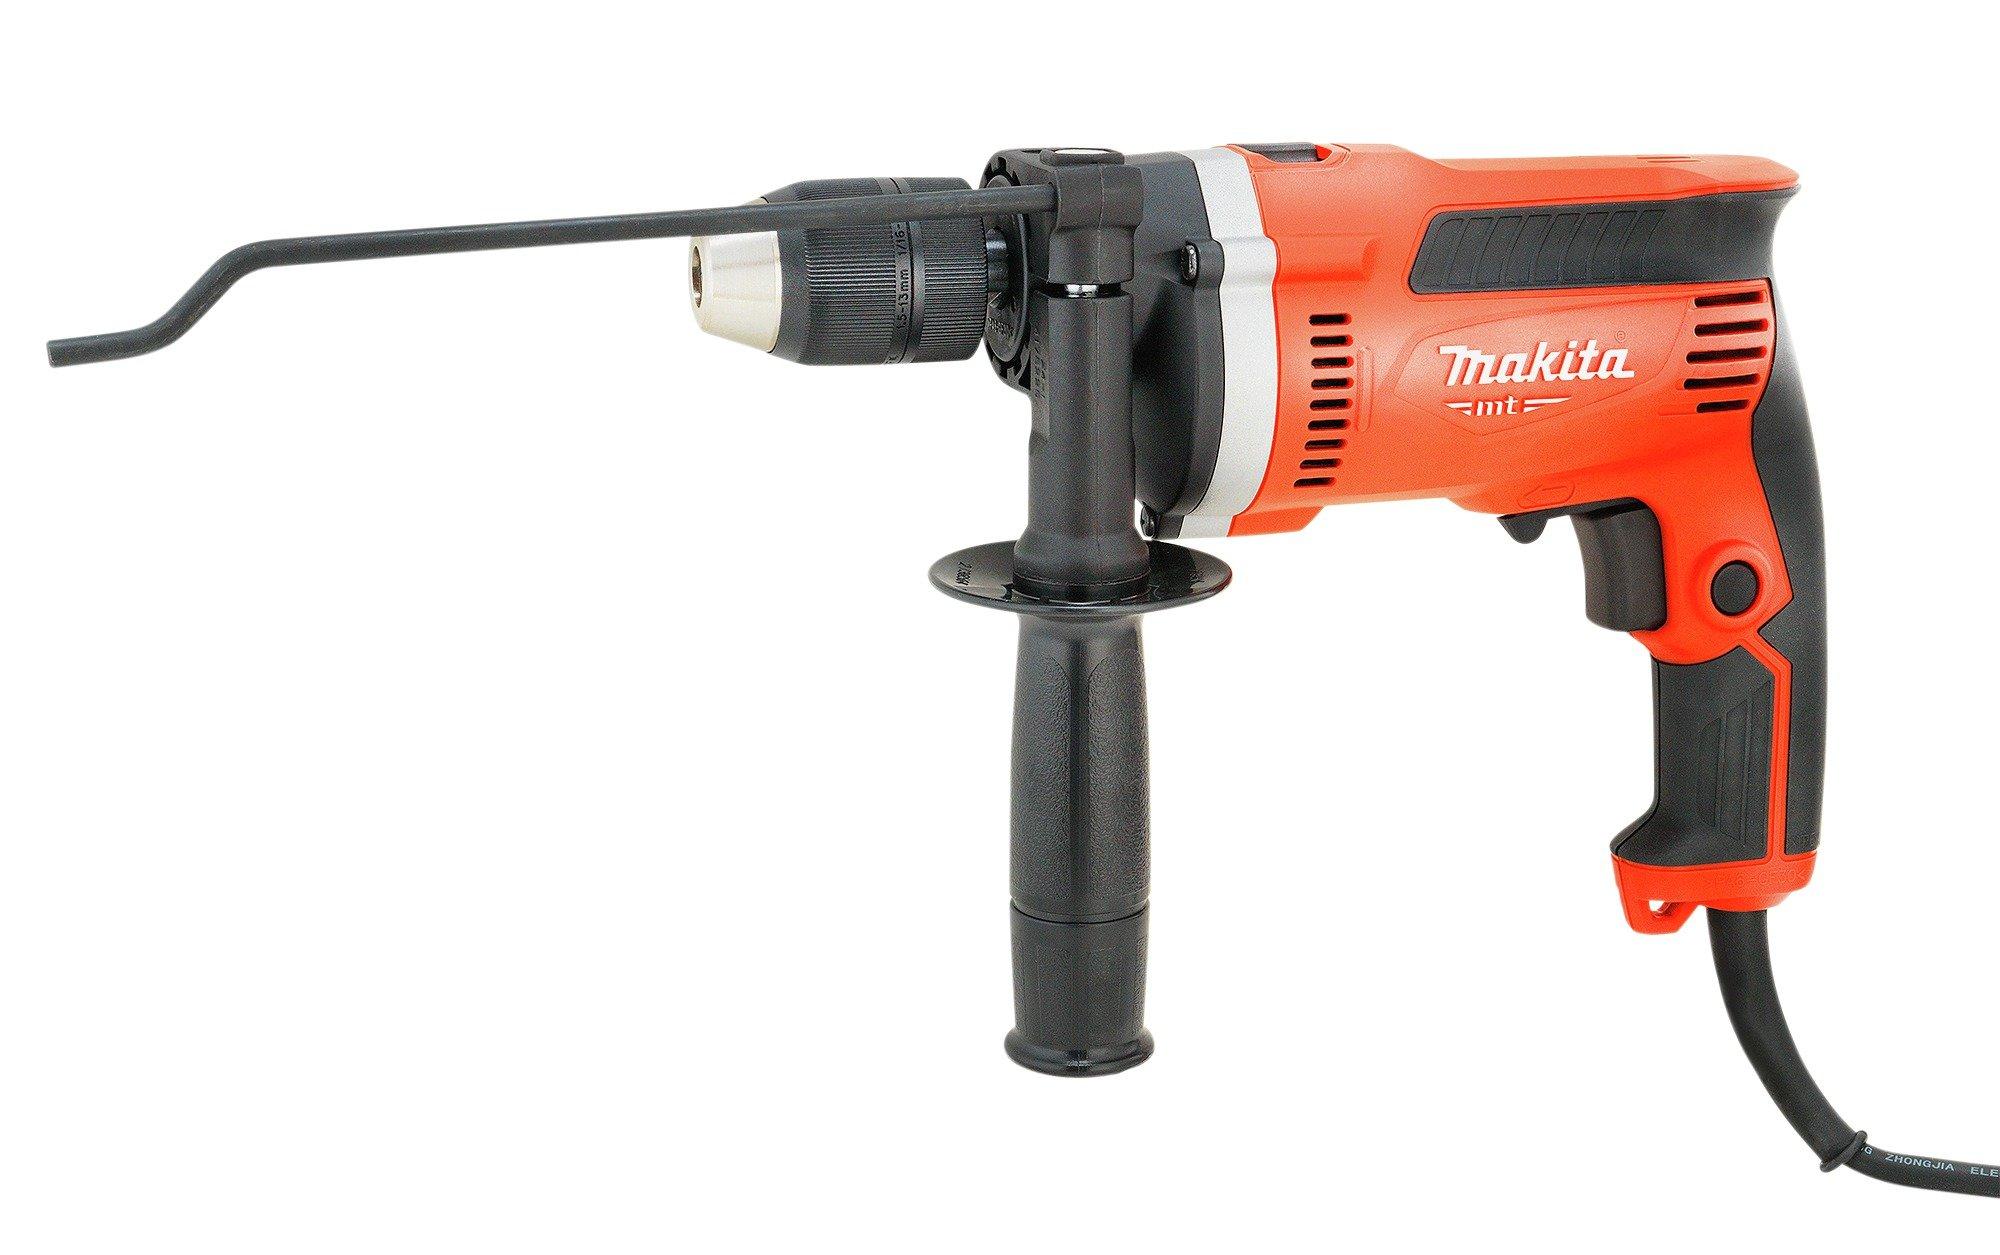 Makita - Corded Drill - 710W